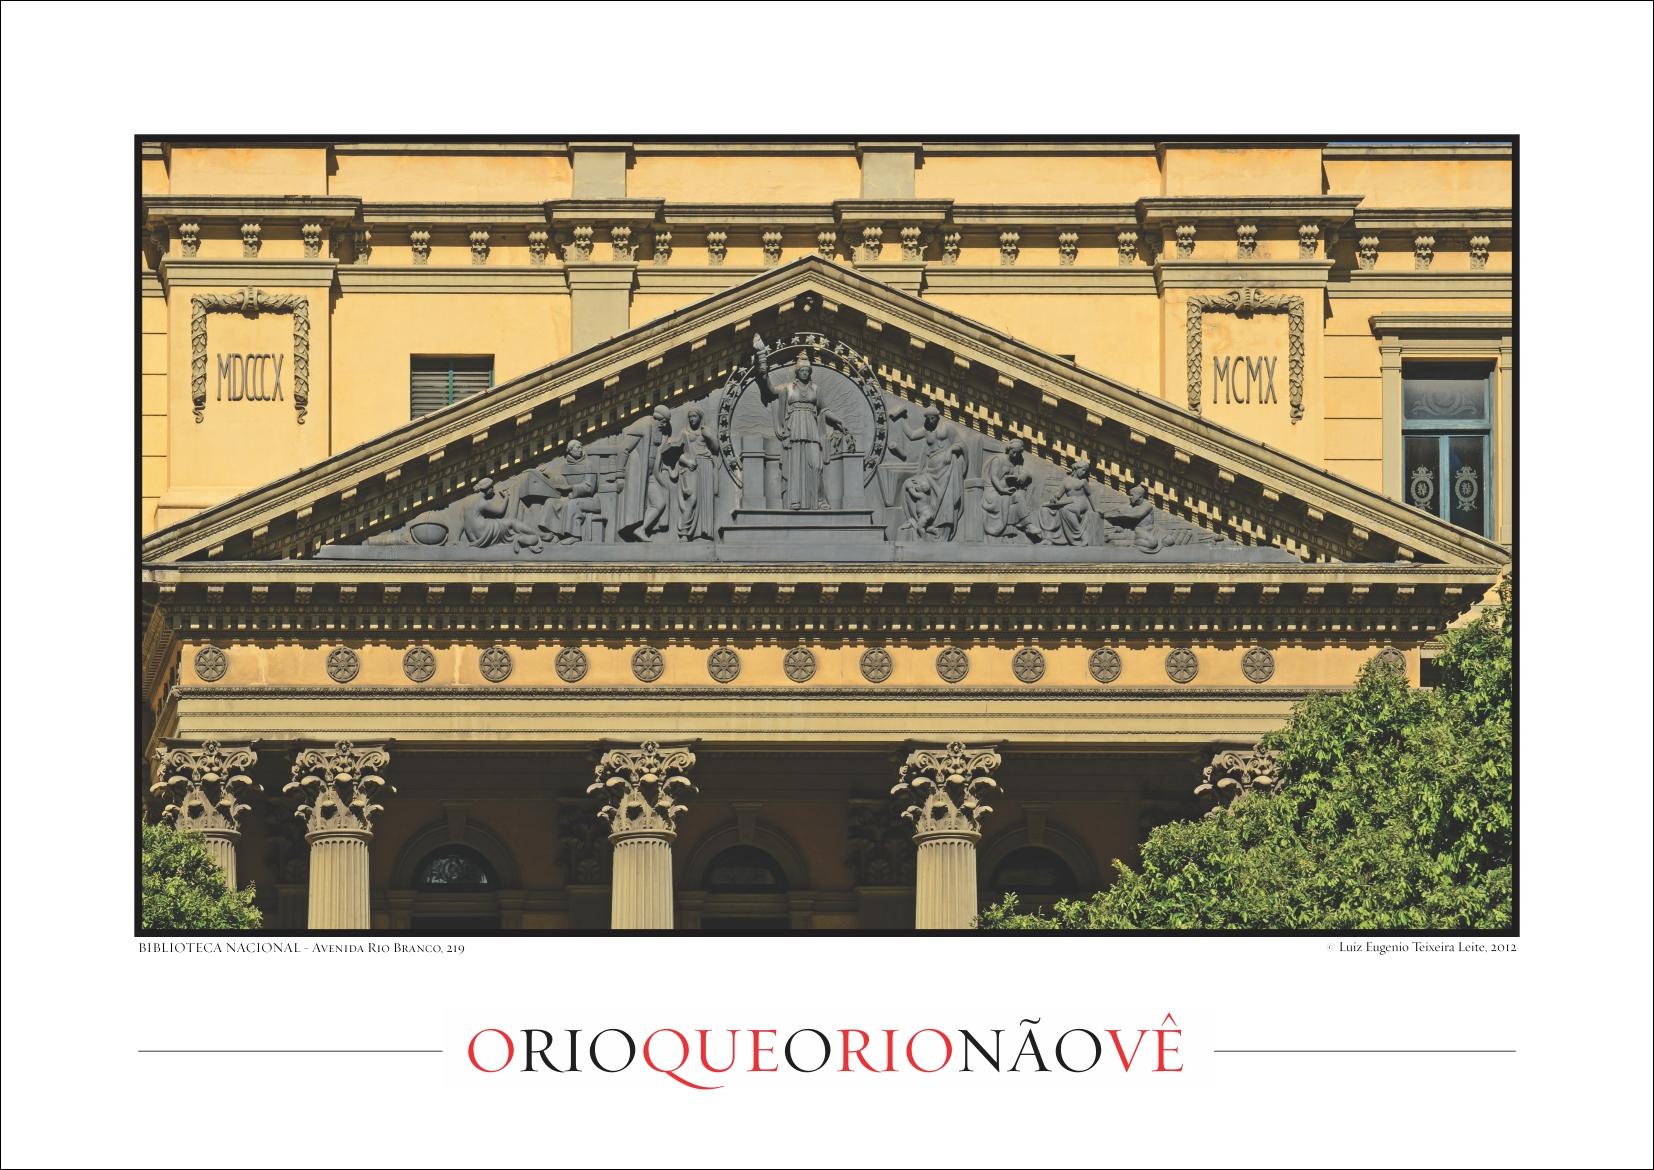 ORQORNV_ampliações A3_Biblioteca Nacional_1